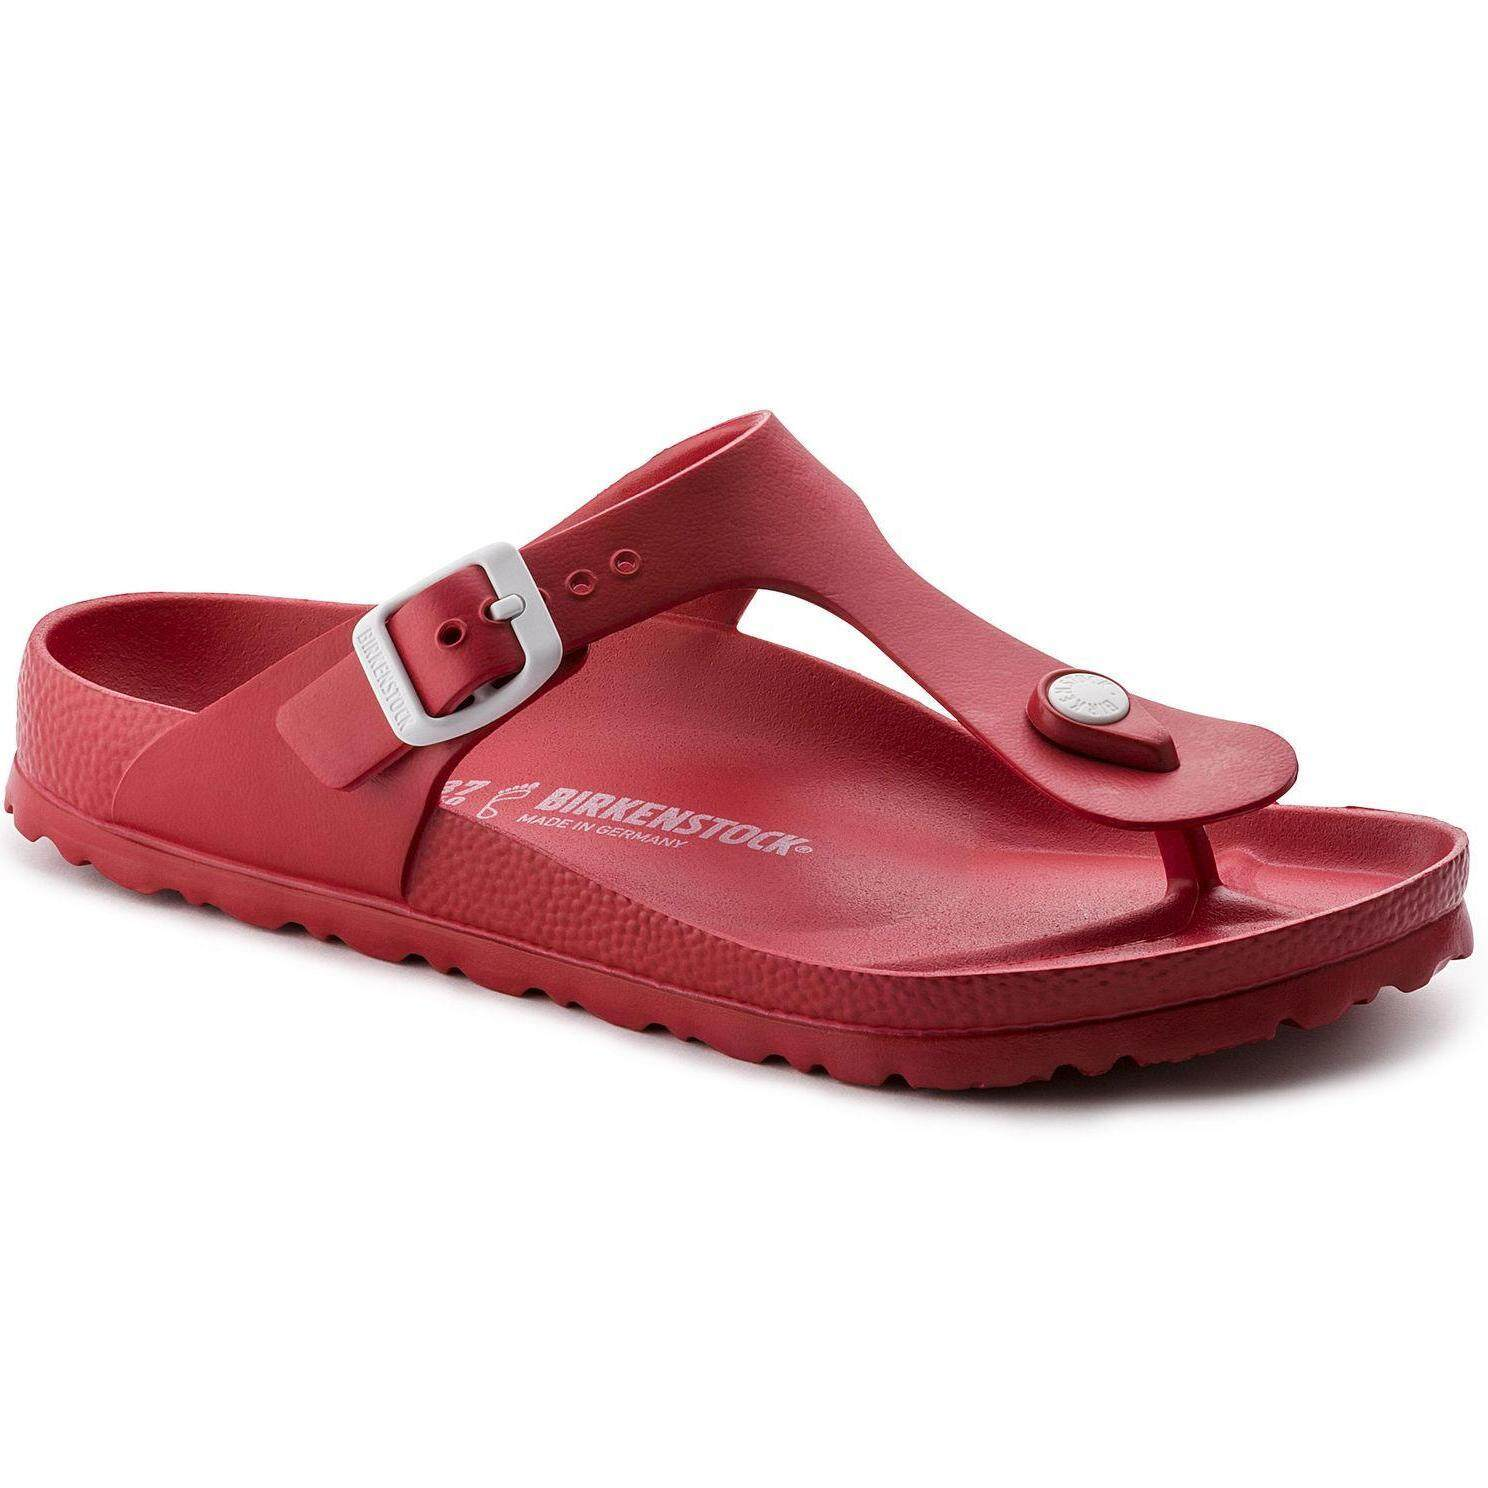 Birkenstock Gizeh EVA 128231 - Red